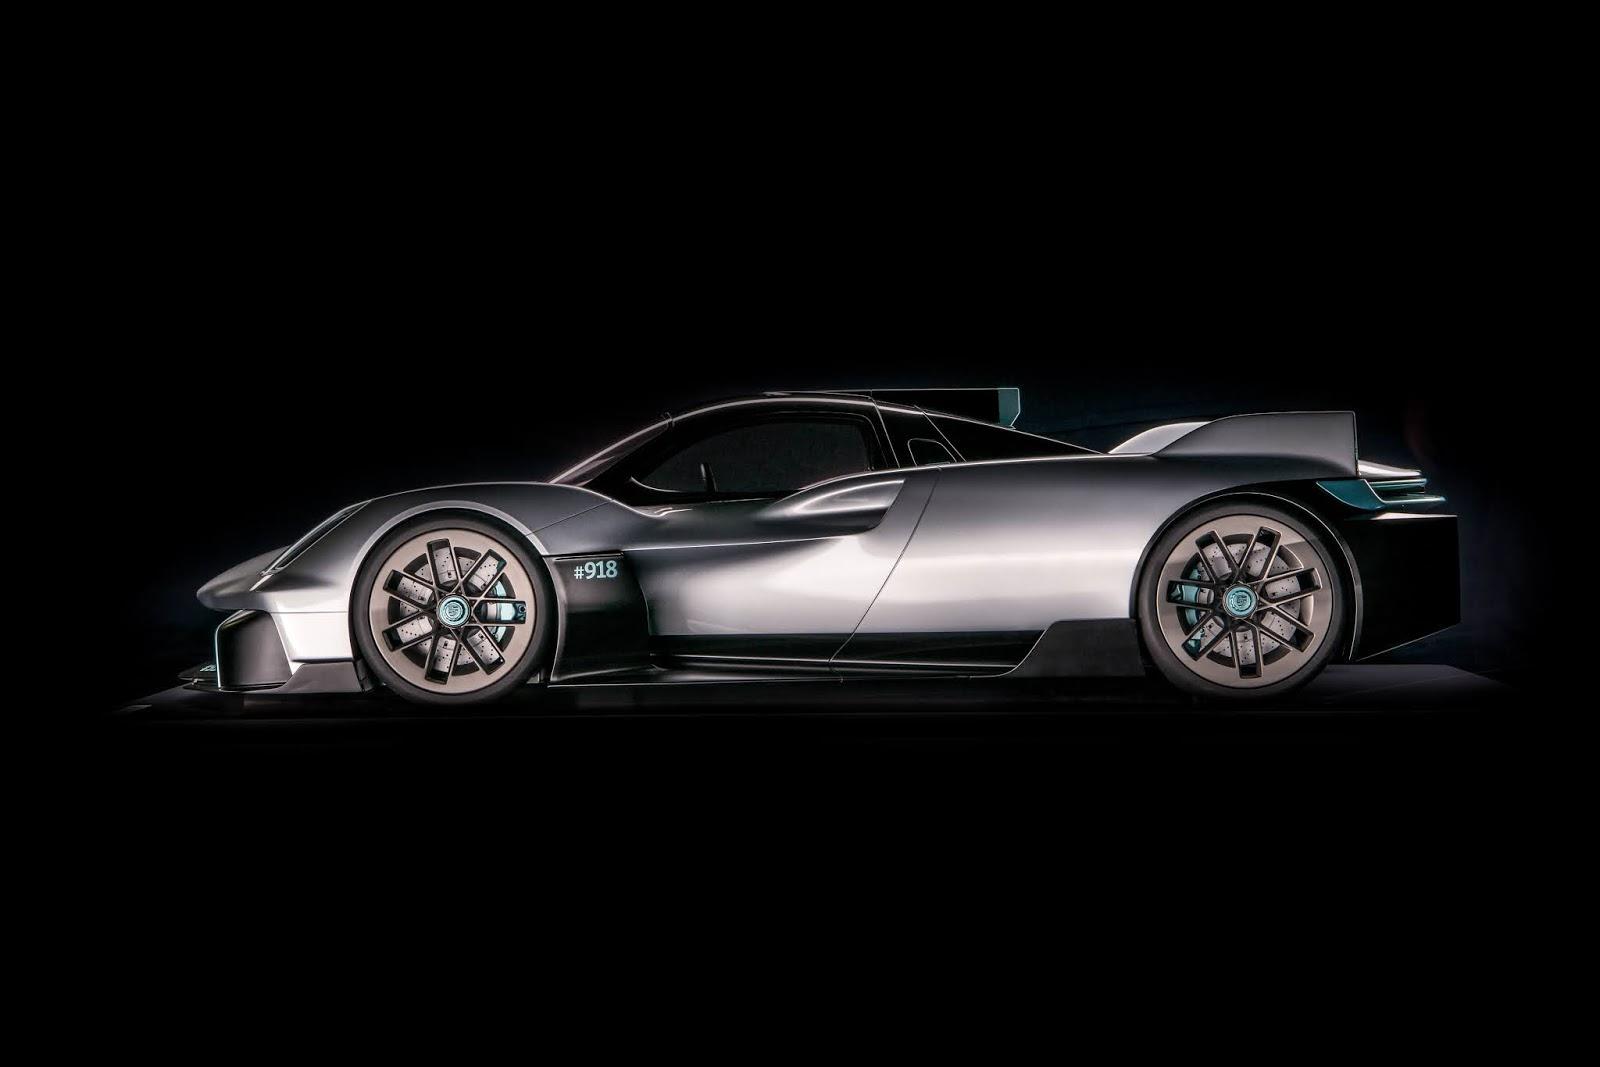 Capture0007 Τα άγνωστα Hypercars της Porsche hypercar, Porsche, Porsche Unseen, Sunday, supercar, supercars, zblog, ειδήσεις